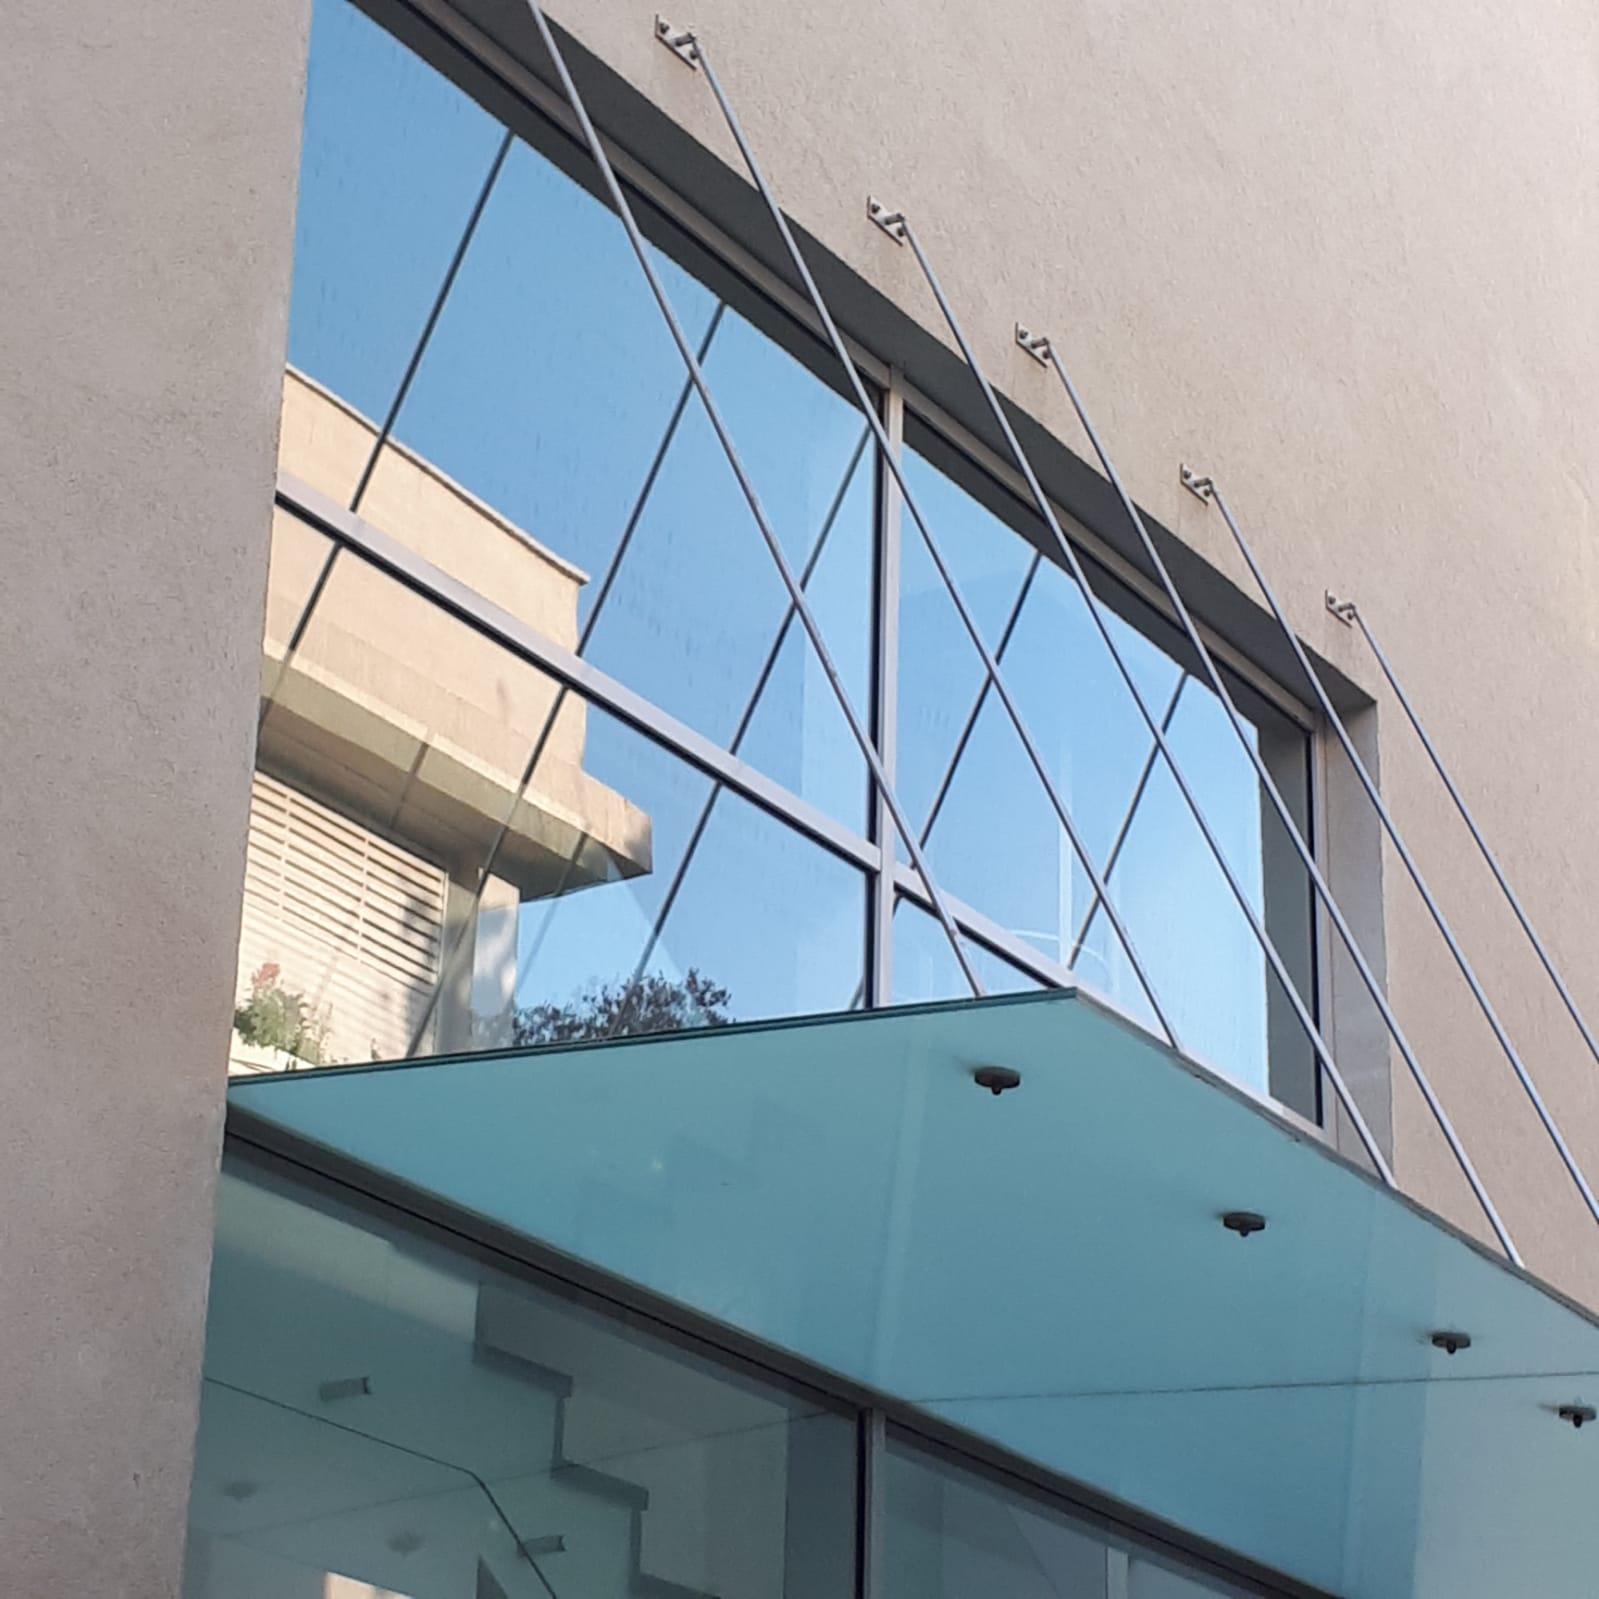 משרד בסגנון מודרני. עוצב על ידי המעצב <a href='/designers?des_id=2386'>עירית לביא</a>